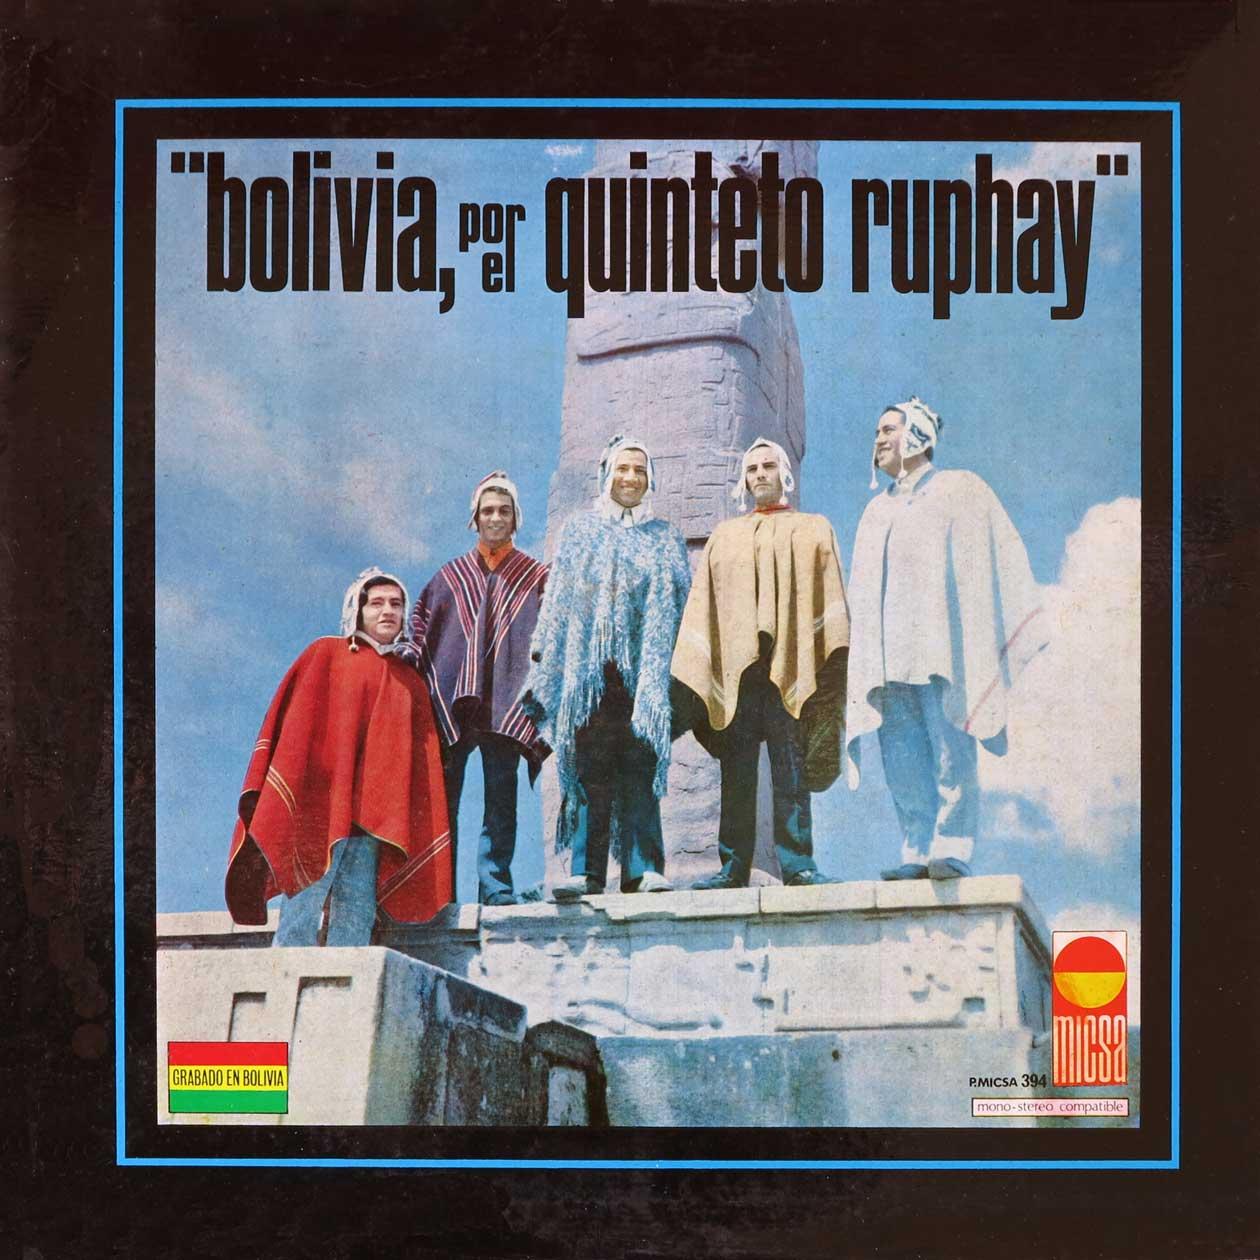 Bolivia, por el Quinteto Ruphay